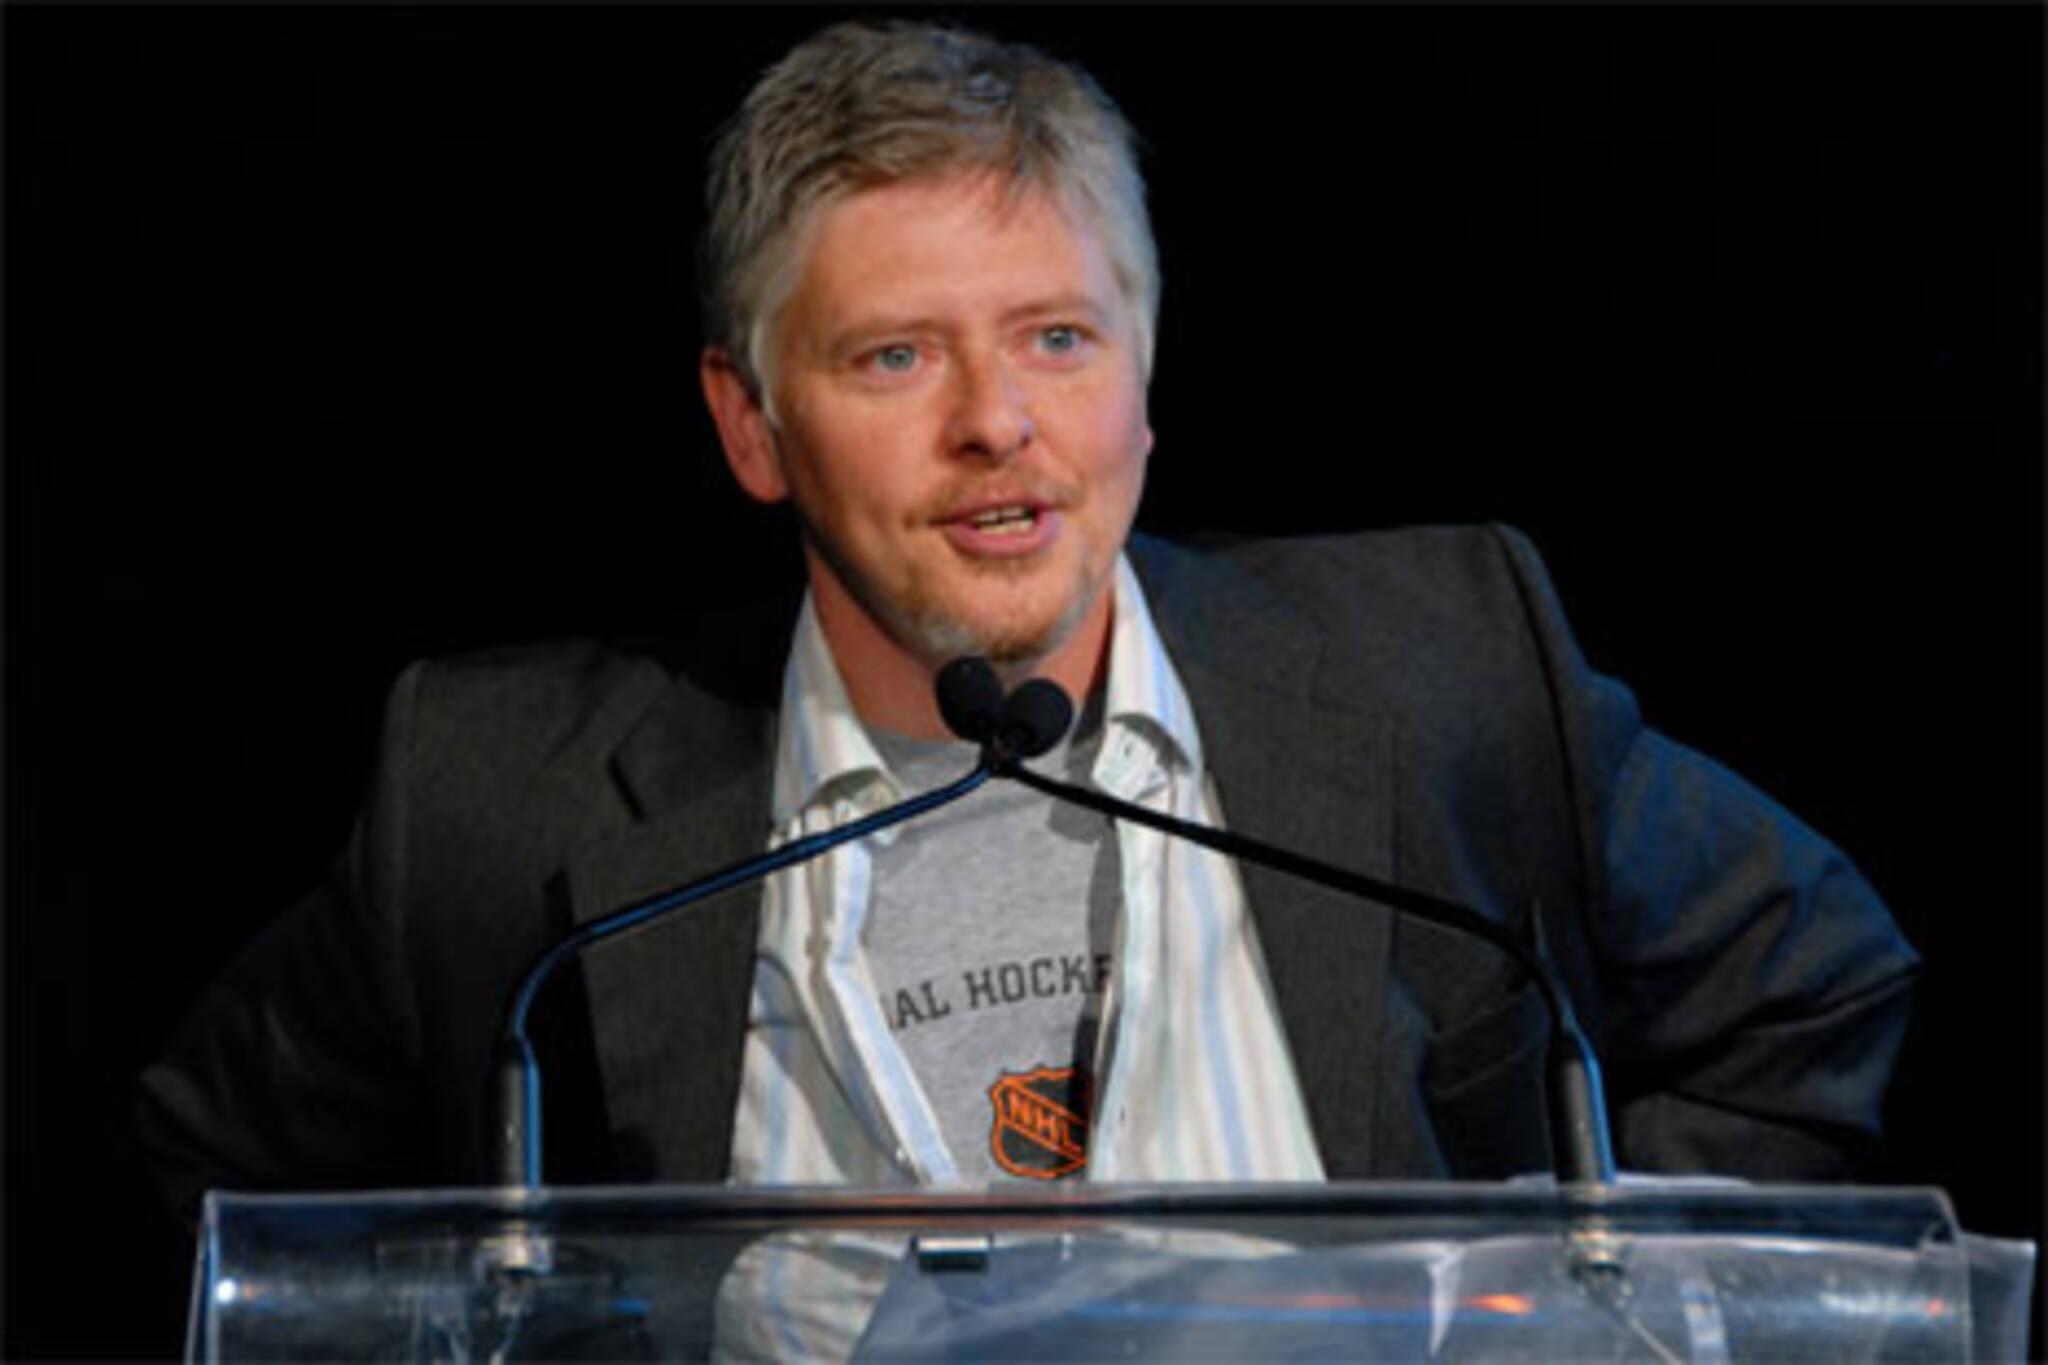 Dave Foley @ NXNE 2007 Press Conference, taken by fotograf.416